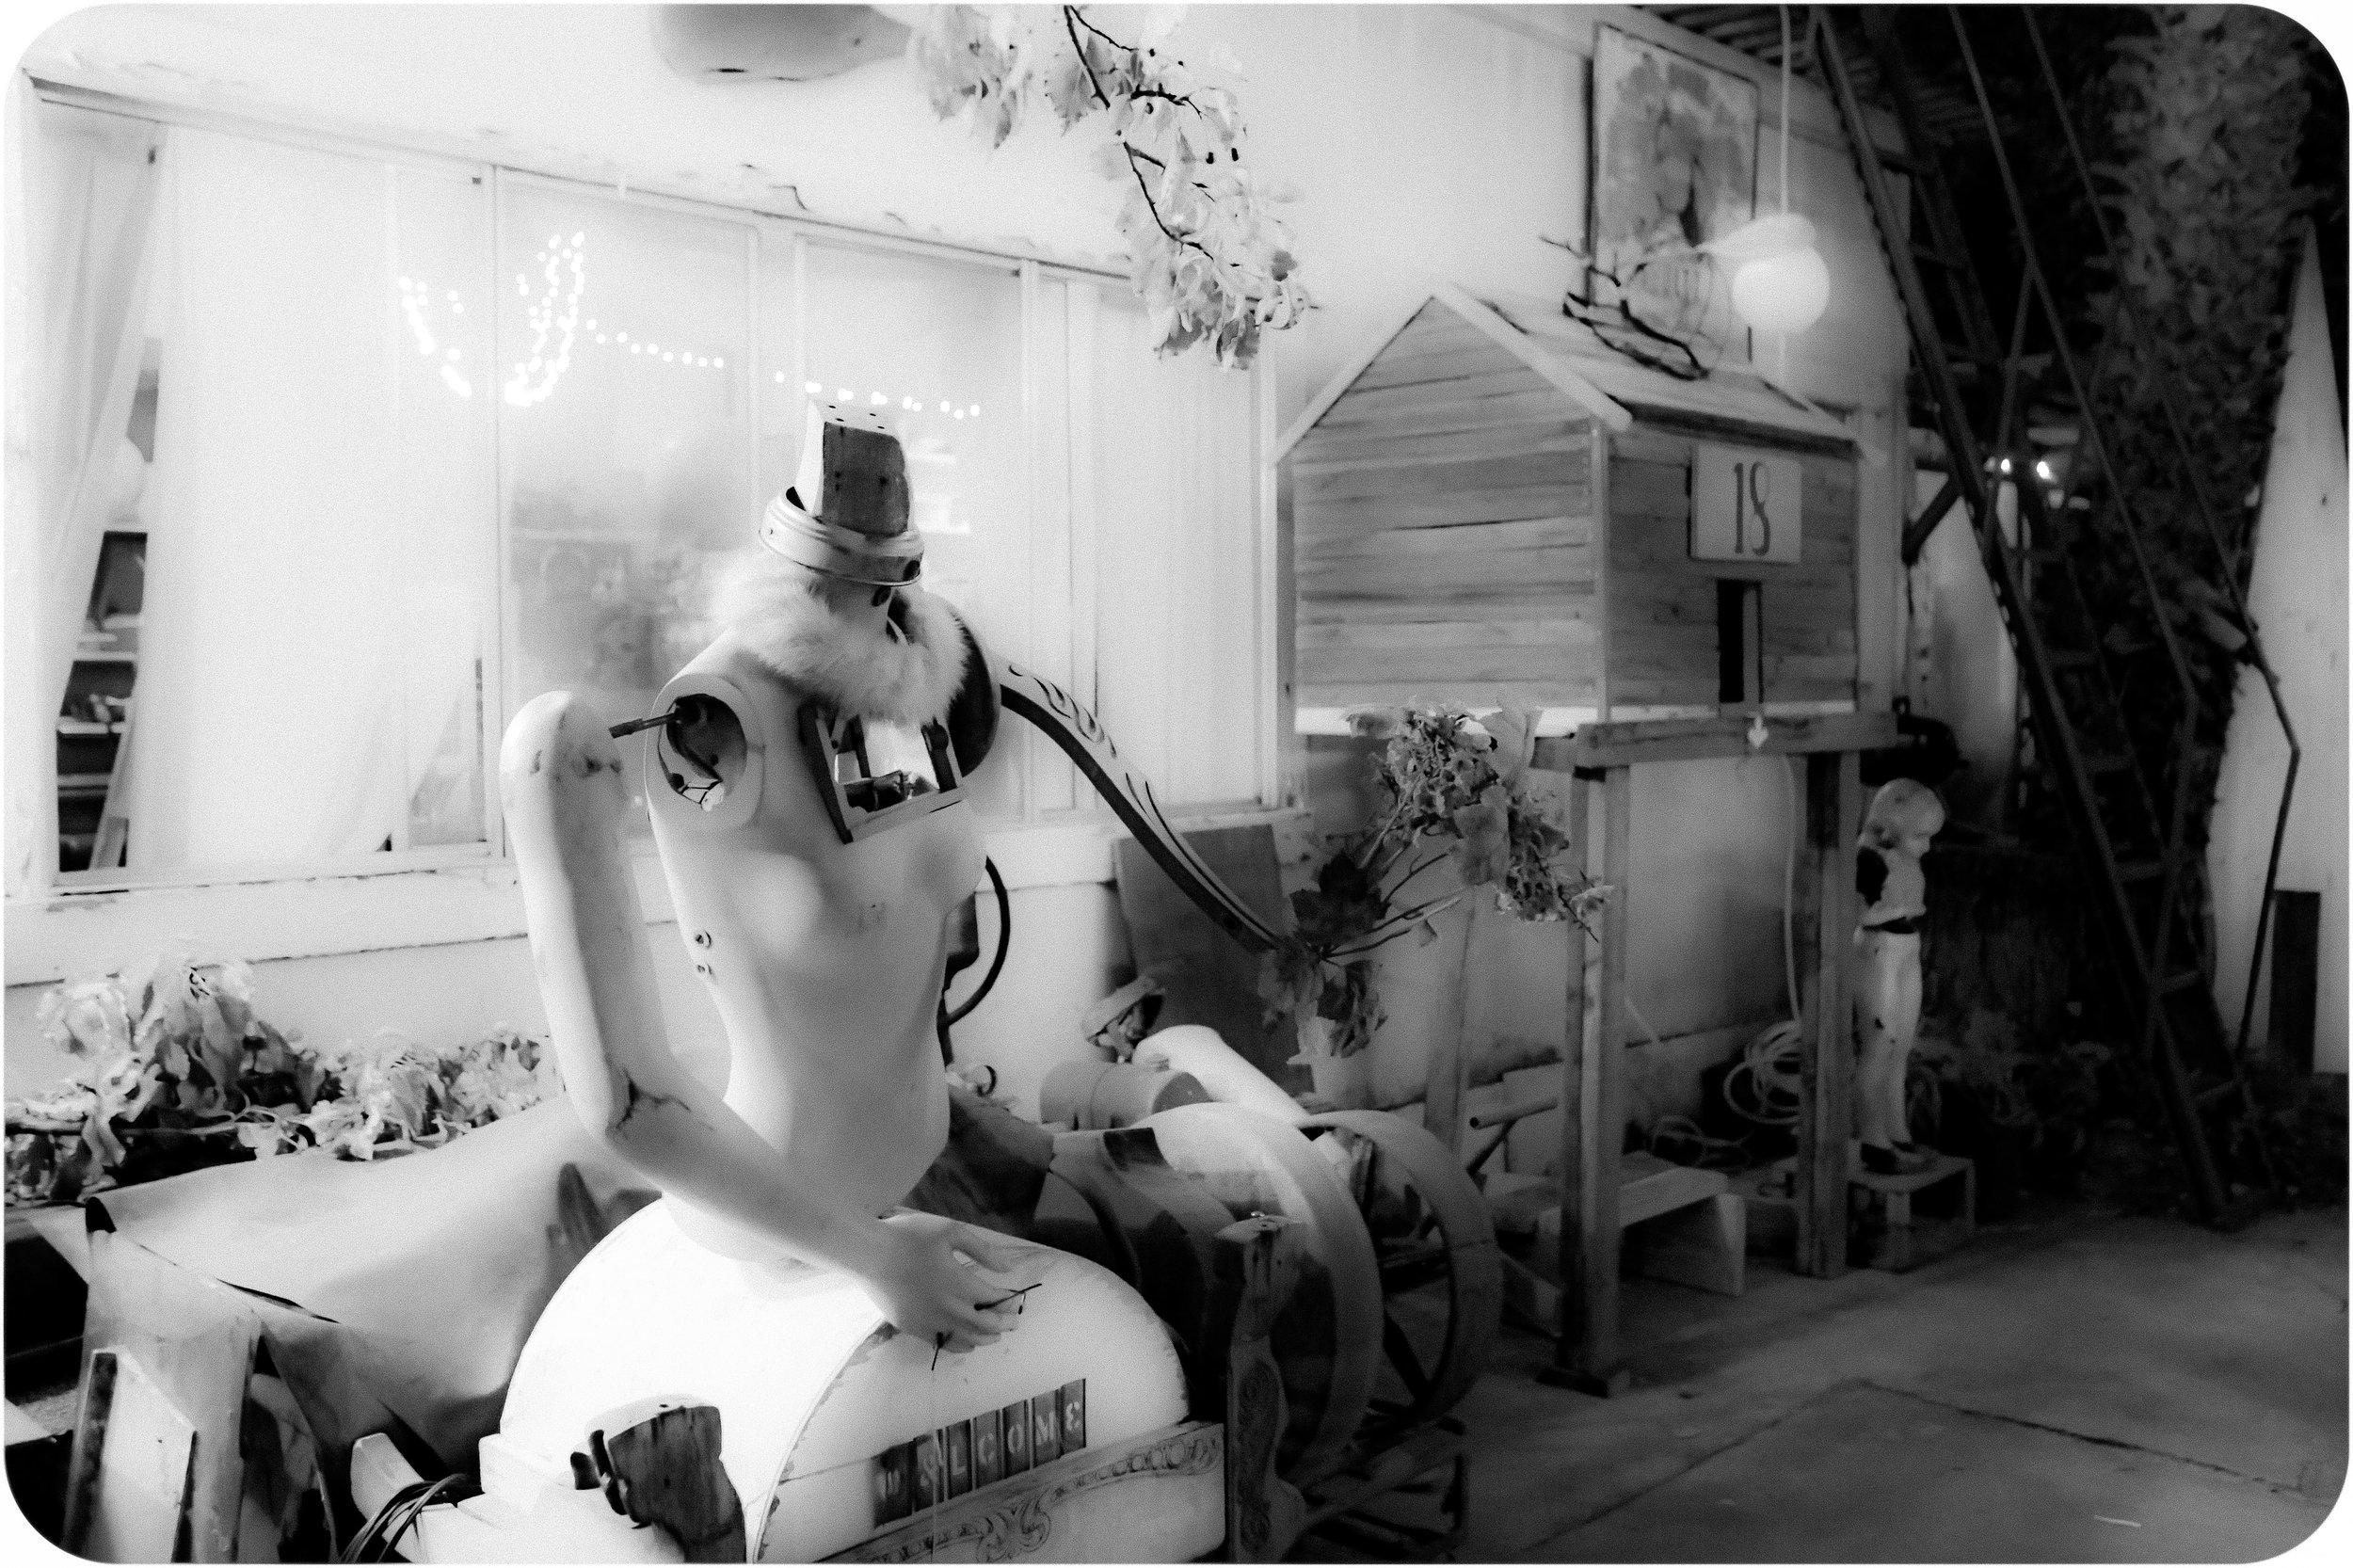 Shadetree-open-studio-party-14.jpg